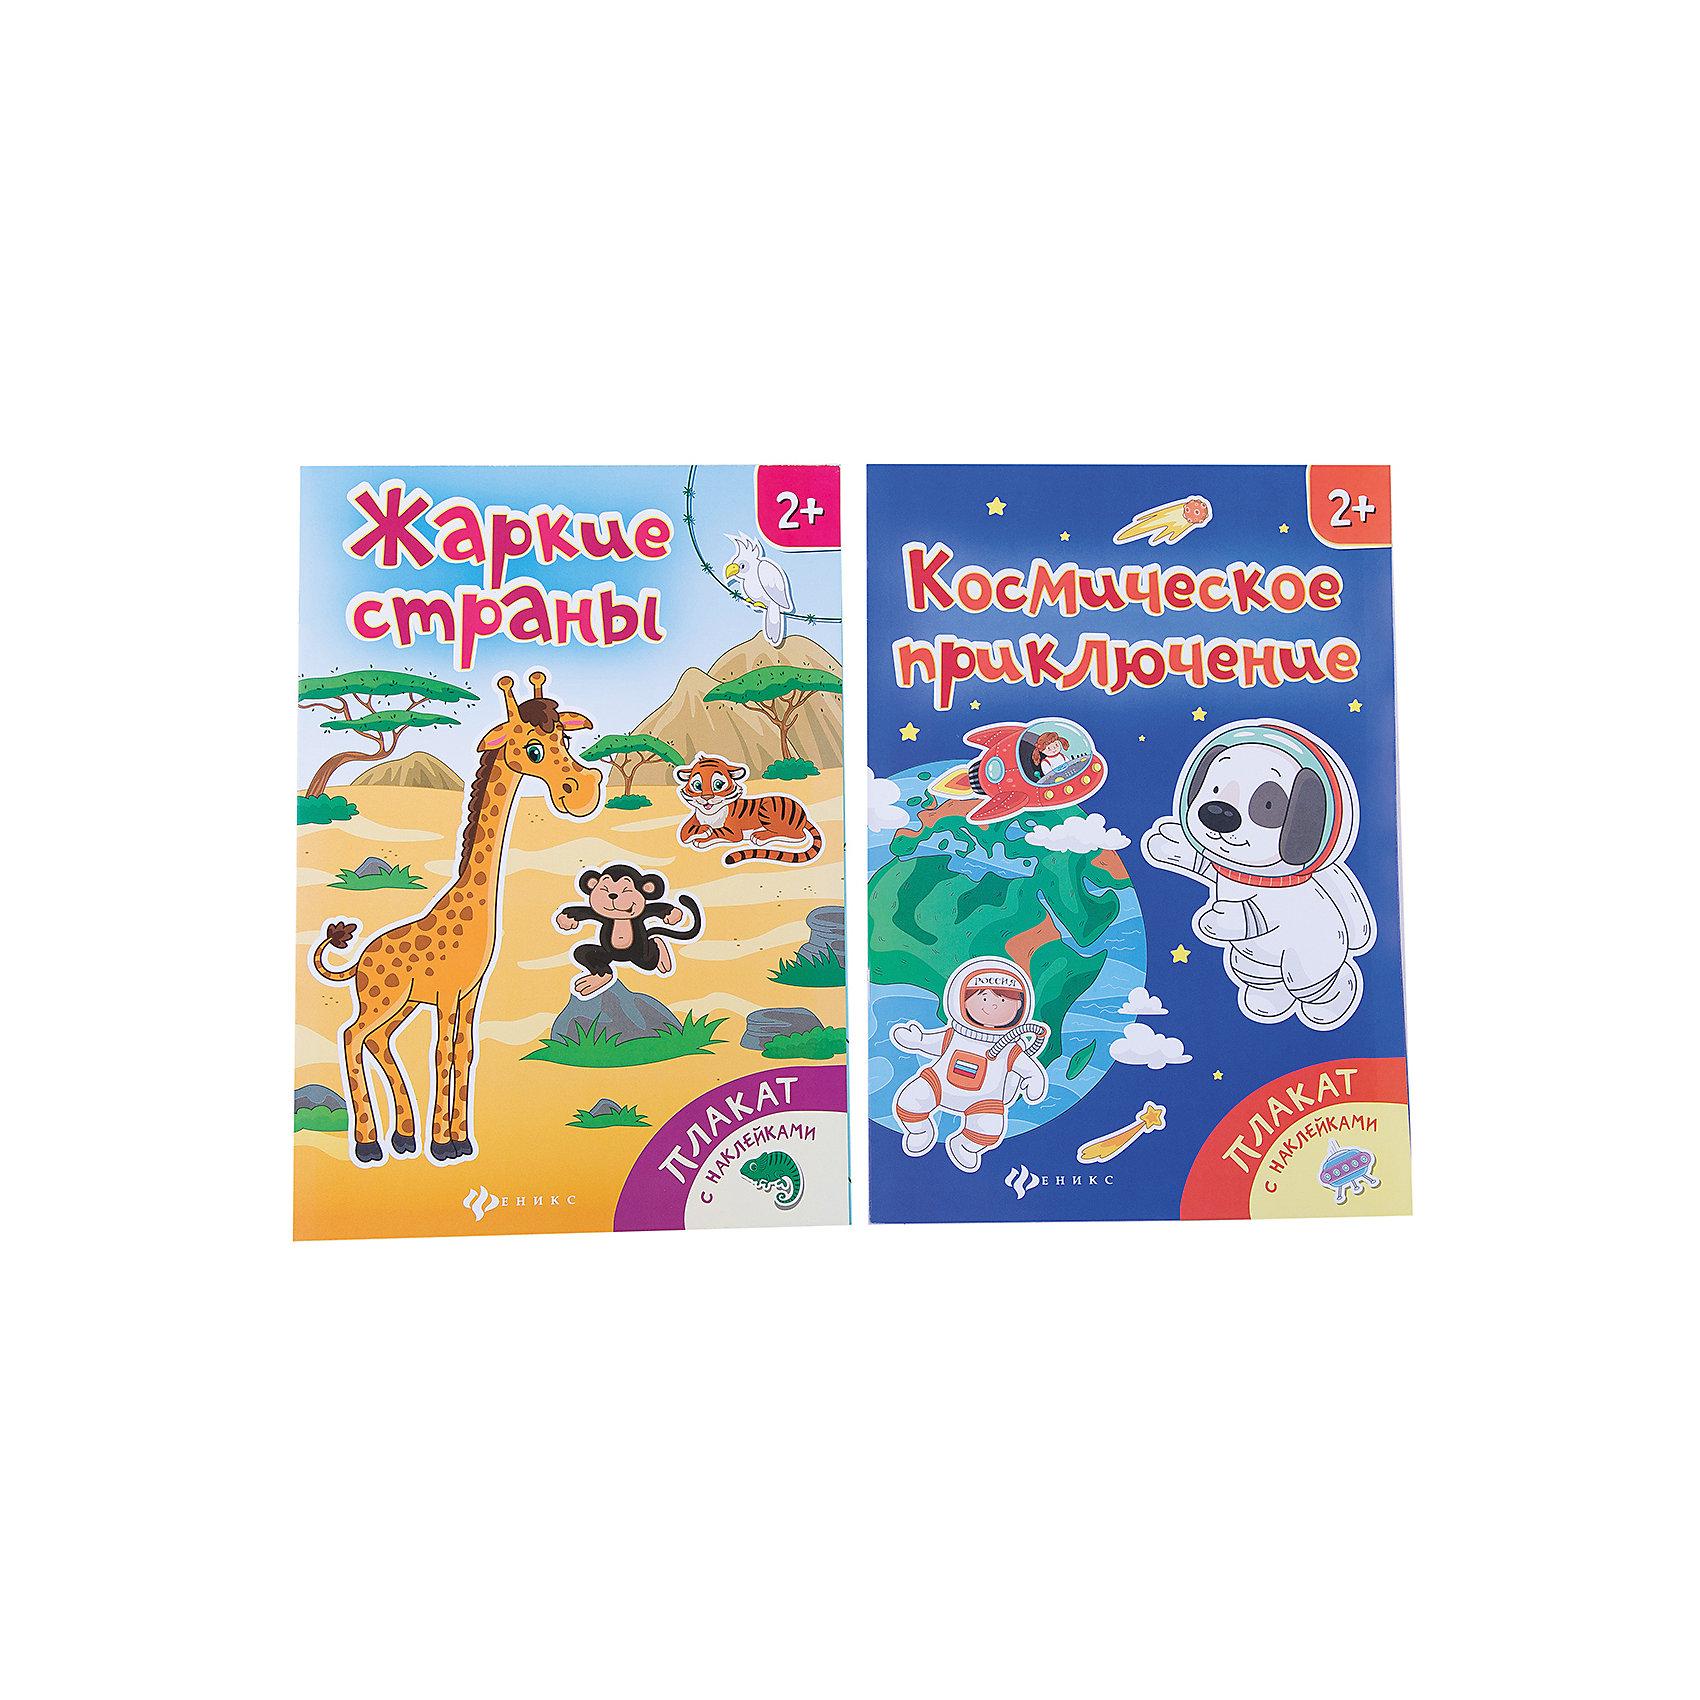 Комплект из двух плакатов Жаркие страны+ космическое приключениеКнижки с наклейками<br>Характеристики:<br><br>• ISBN: 978-5-222-28219-9;<br>• ISBN: 978-5-222-28088-1;<br>• возраст: от 2 лет;<br>• формат: 410х580;<br>• бумага: мелованная;<br>• тип обложки: мягкий переплет (крепление скрепкой или клеем);<br>• иллюстрации: цветные;<br>• серия: Плакаты с наклейками;<br>• издательство: Феникс, 2017 г.;<br>• количество страниц в книге: 2;<br>• размеры книги: 29х20,5х0,2 см;<br>• масса книги: 54 г.<br><br>В набор входит 2 книжки: <br><br>• «Жаркие страны. Книжка-плакат»;<br>• «Космическое приключение. Книжка-плакат».<br><br>Необычные книжки предназначены для занятий родителей с детьми. Книжка превращается в большой плакат, на котором нужно прикрепить в определенных местах наклейки из набора. Кроме этого, есть развивающие задания для детей.<br><br>Красочные наклейки можно использовать для игры.<br><br>Набор книг «Жаркие страны + Космическое приключение», Феникс, можно купить в нашем интернет-магазине.<br><br>Ширина мм: 291<br>Глубина мм: 205<br>Высота мм: 20<br>Вес г: 330<br>Возраст от месяцев: 24<br>Возраст до месяцев: 2147483647<br>Пол: Унисекс<br>Возраст: Детский<br>SKU: 6873655